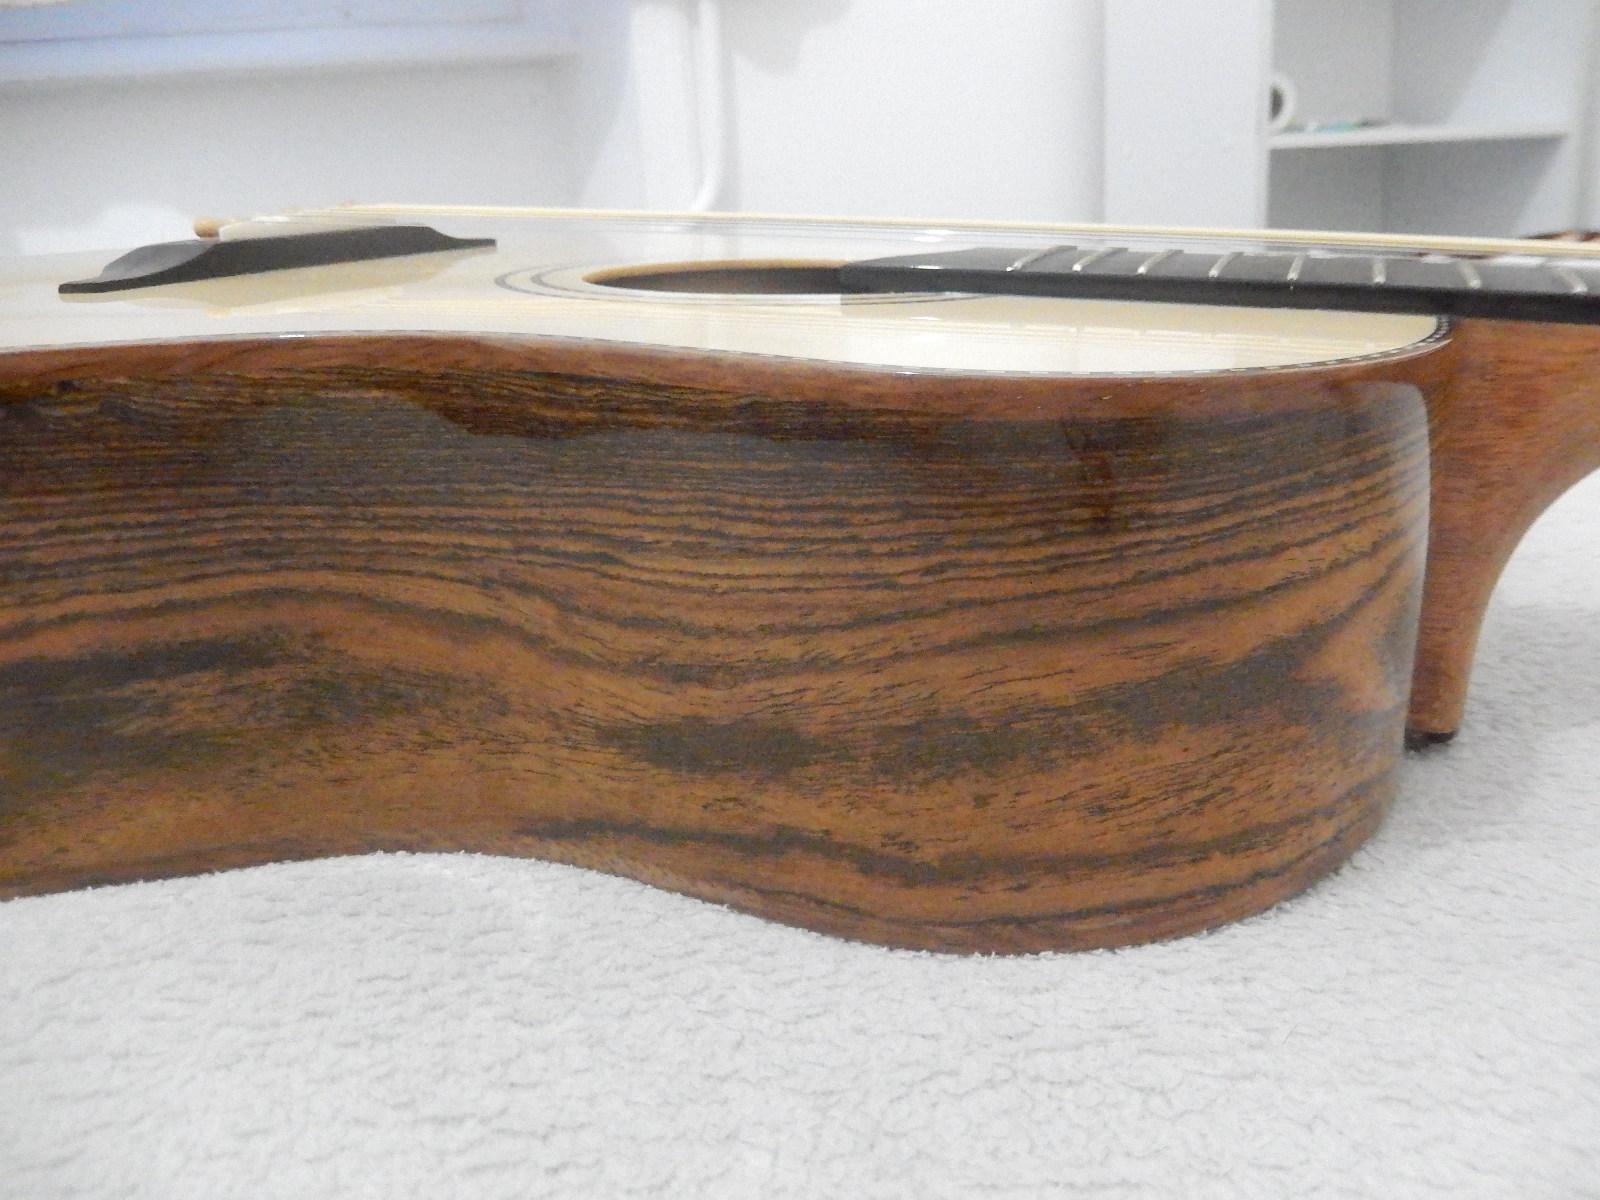 projet guitare Darmagnac en cours!! - Page 4 160229081054568257